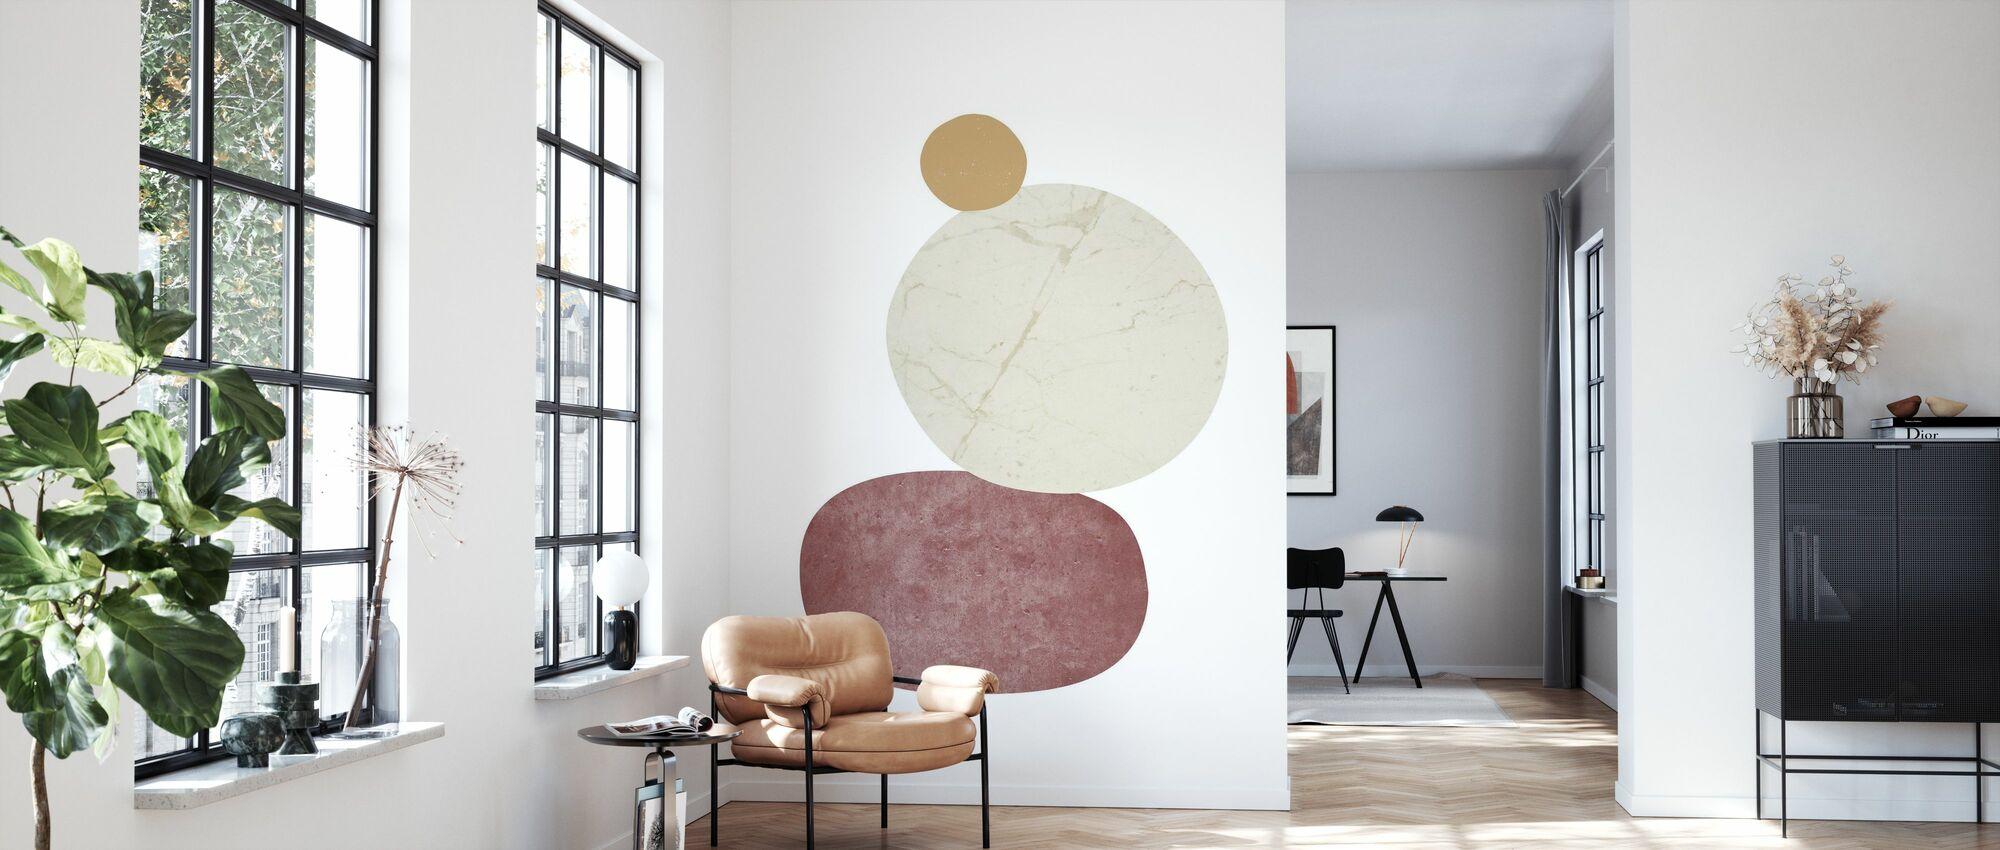 Pebbles II - Wallpaper - Living Room